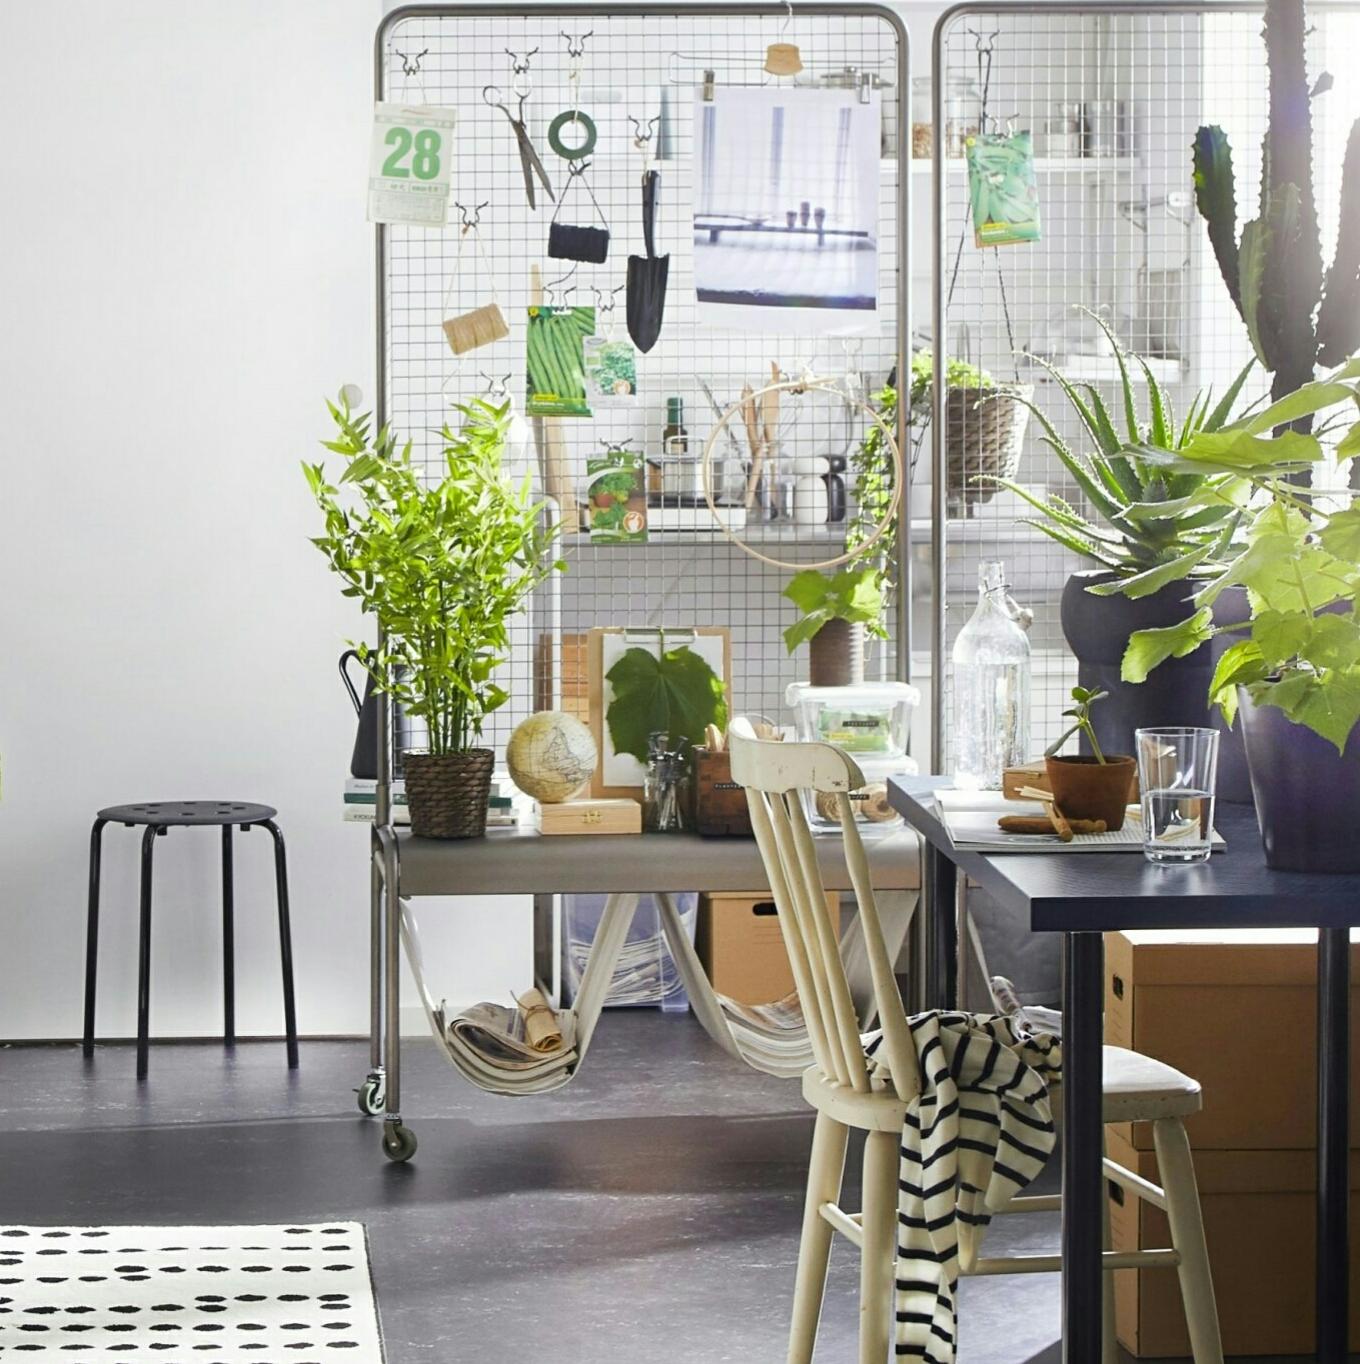 家中植物如何摆放?20种添绿技巧